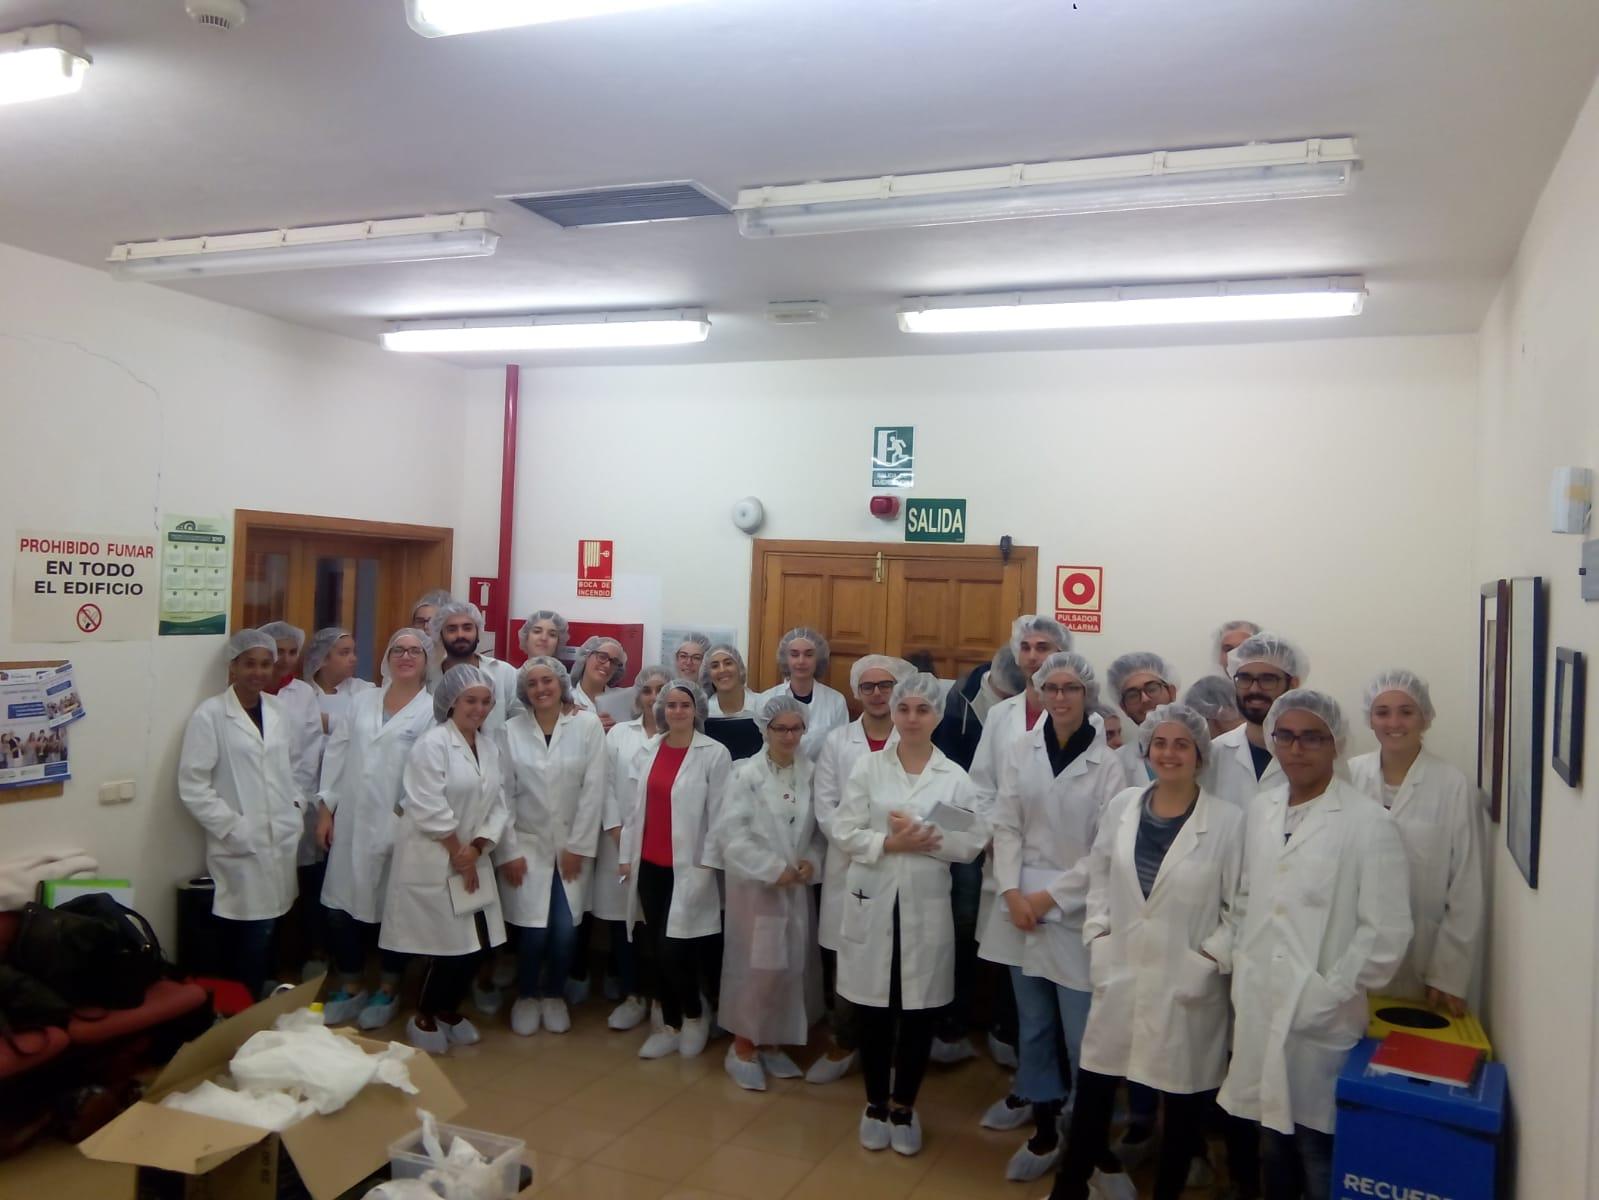 Foto de la visita de alumnado en prácitcas de 4º de Farmacia